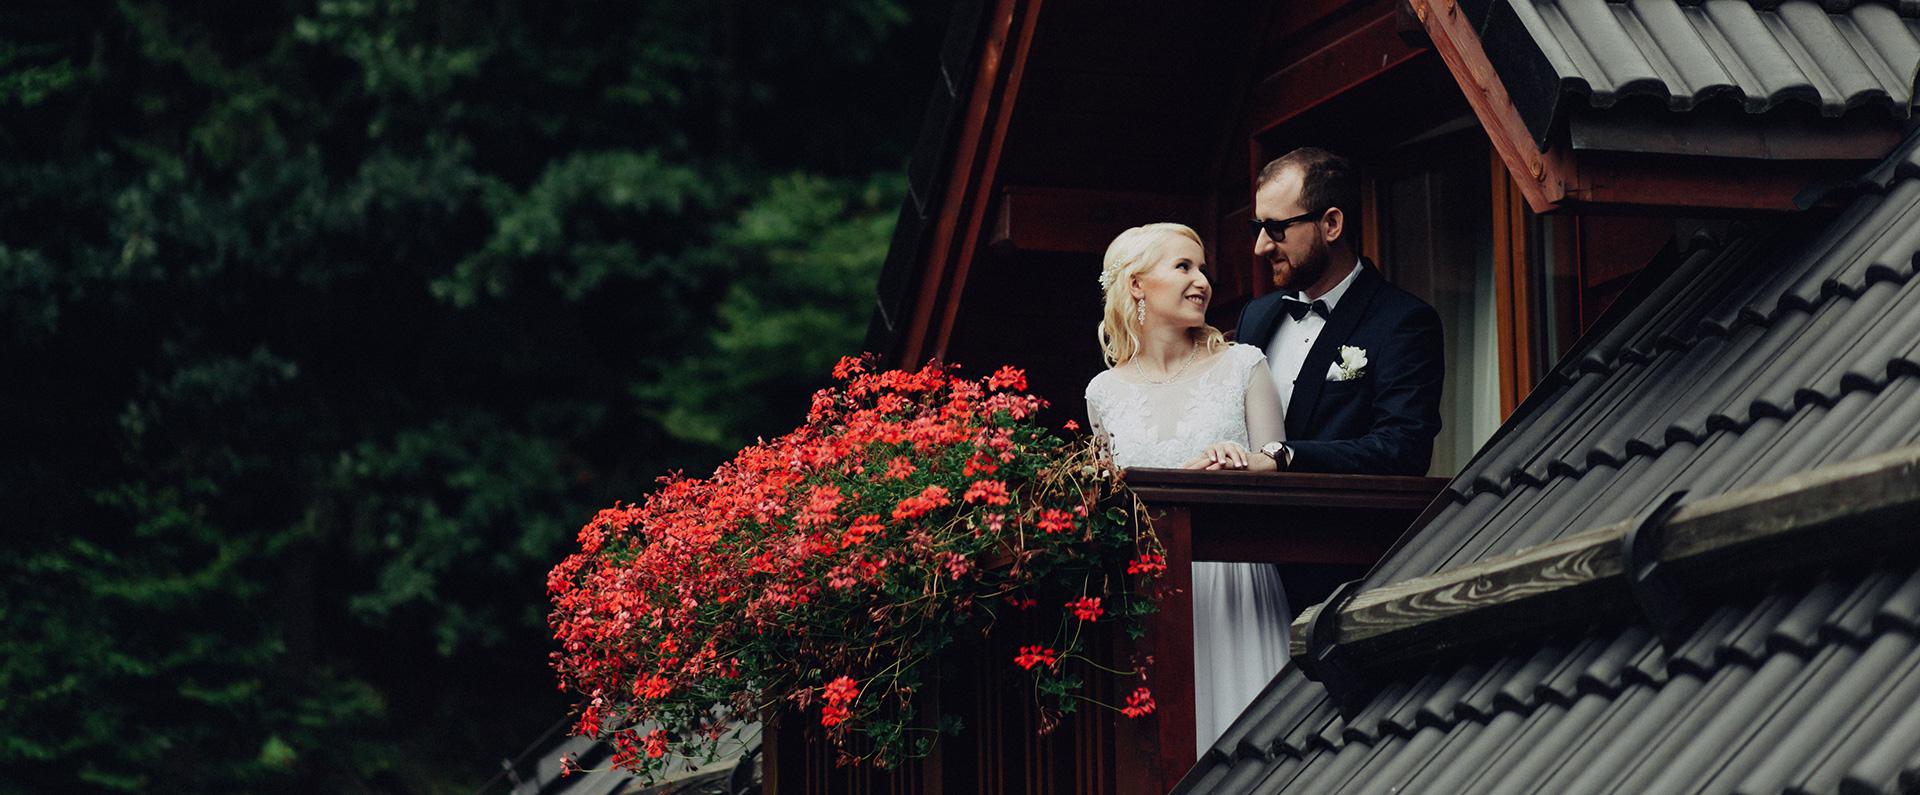 Karolina i Piotr | Fotografia ślubna Andrychów